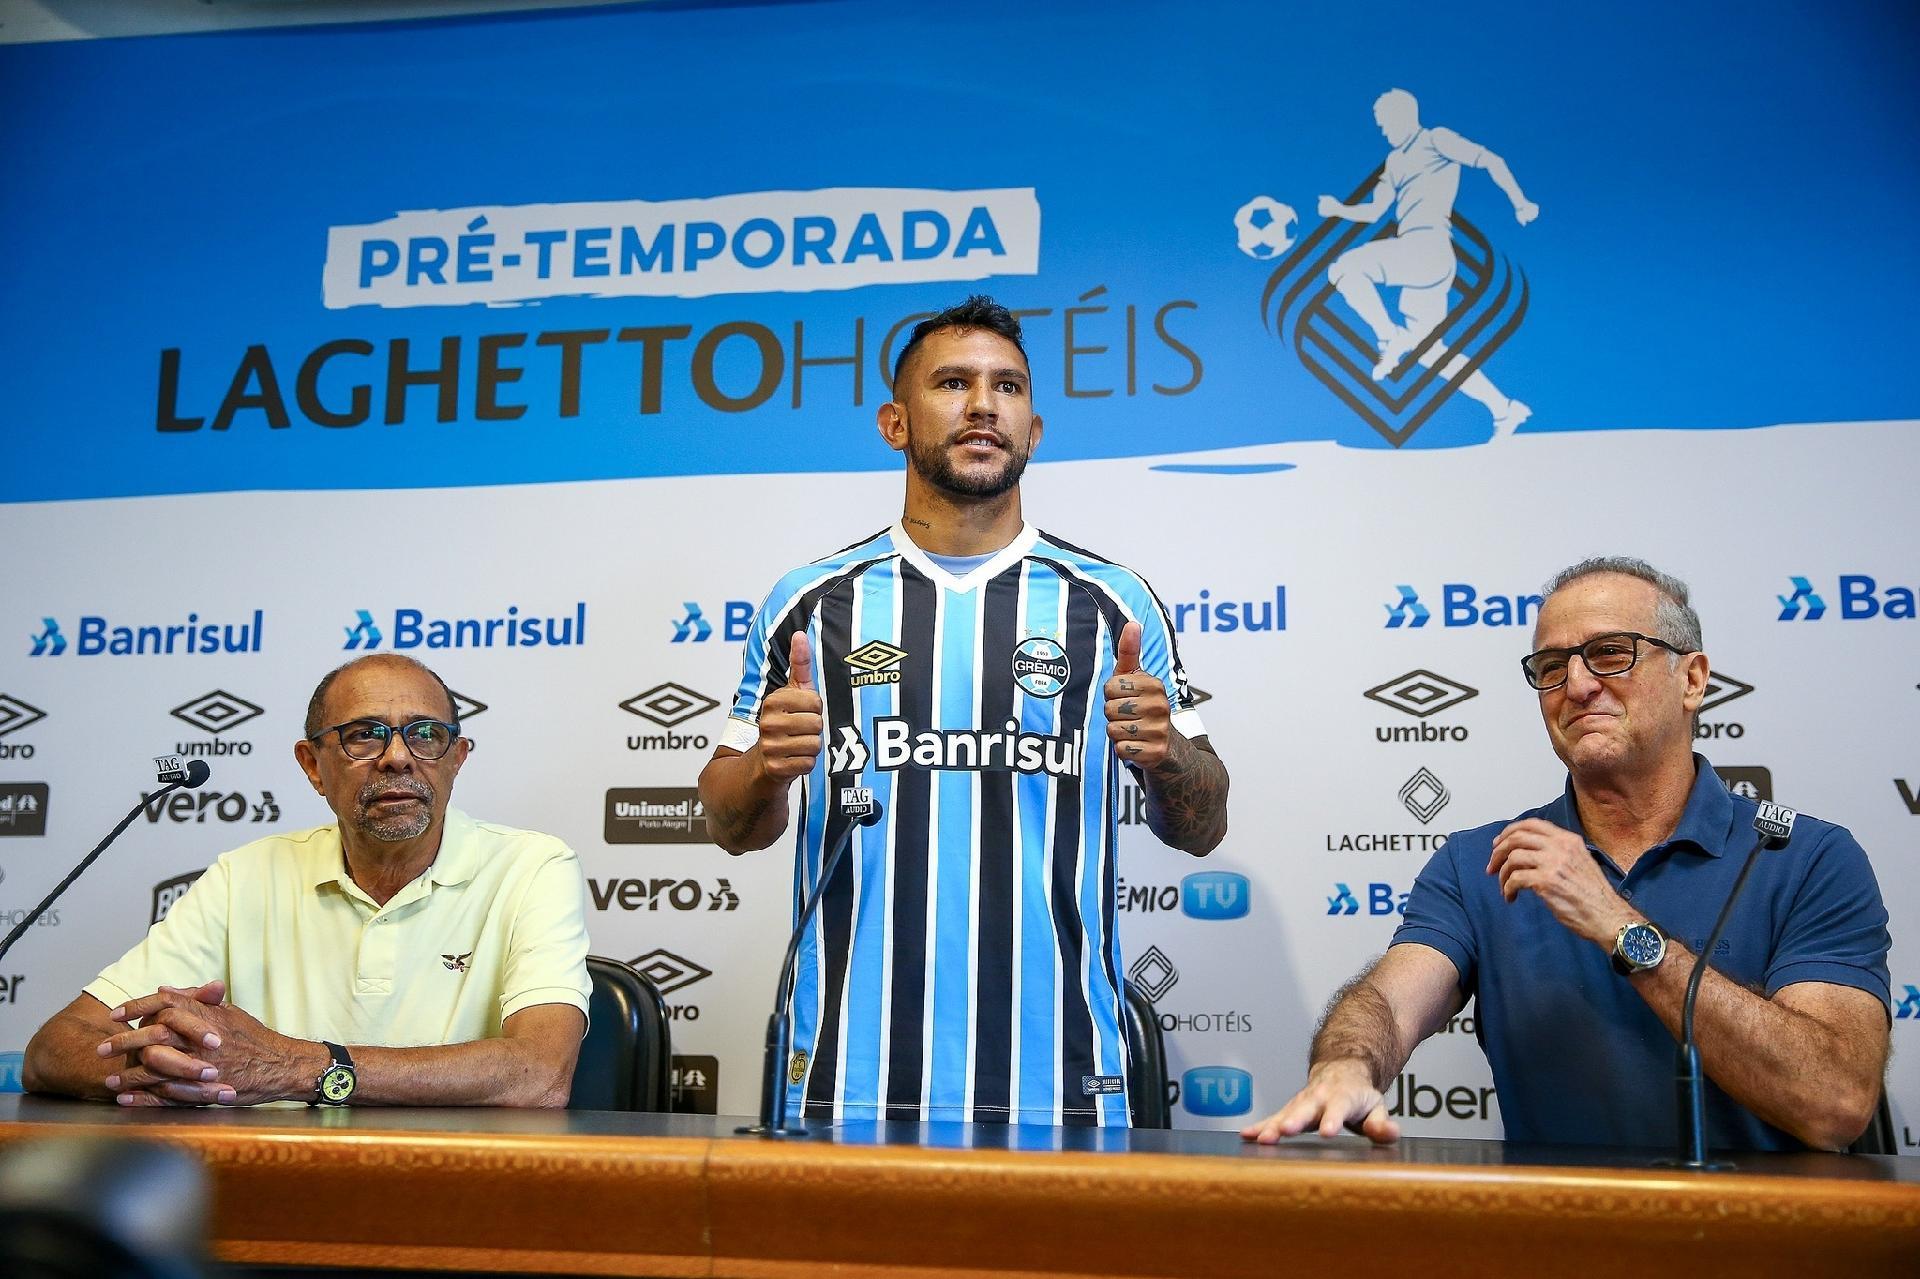 2f5f5ecc2536a Grêmio: Montoya aumenta lista de gringos sem sucesso no clube; veja outros  casos